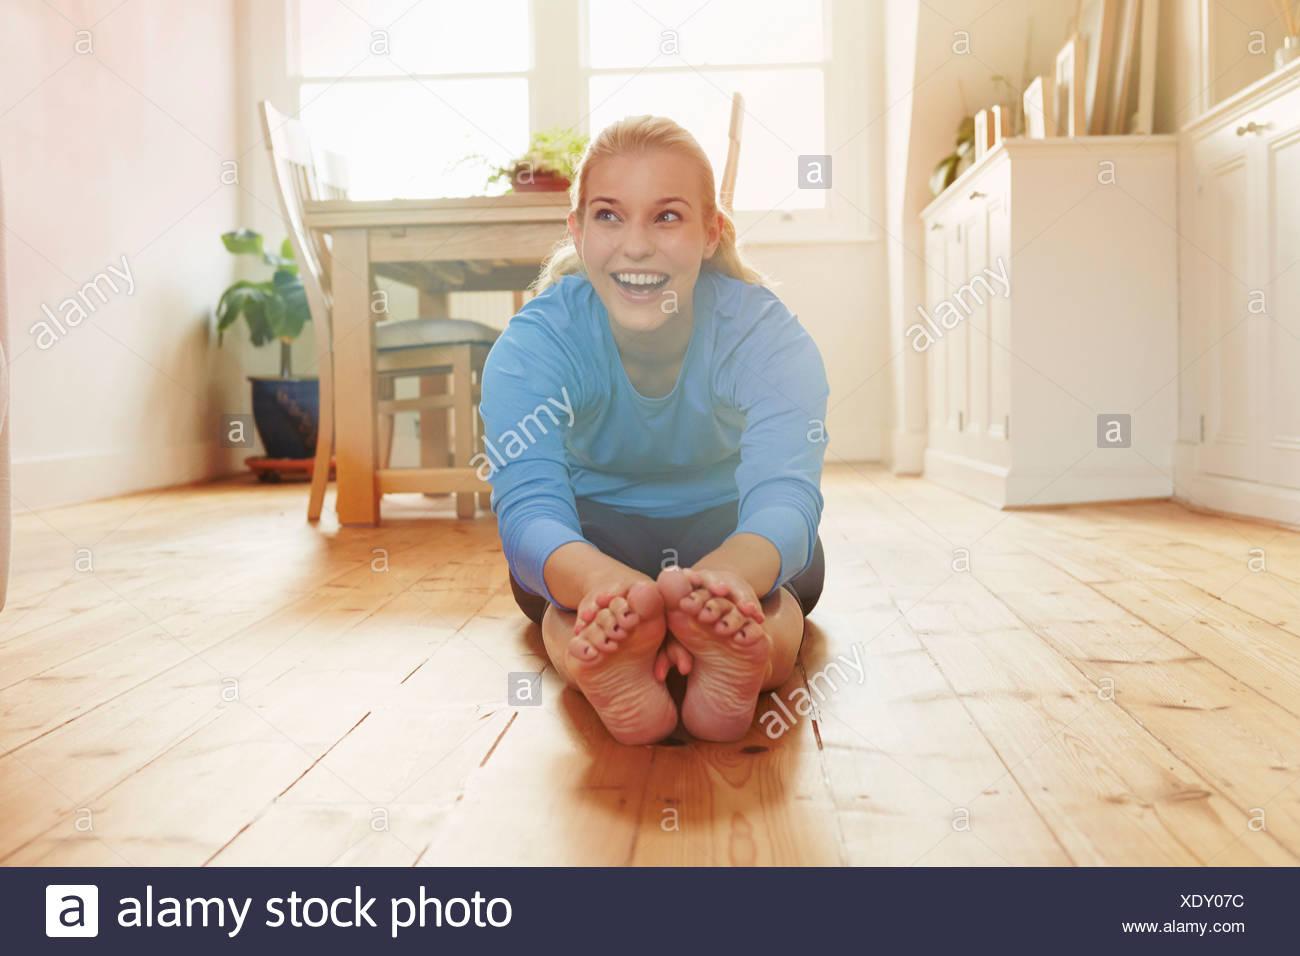 Mujer joven sentada en el suelo inclinado hacia delante de tocar los dedos de los pies Imagen De Stock